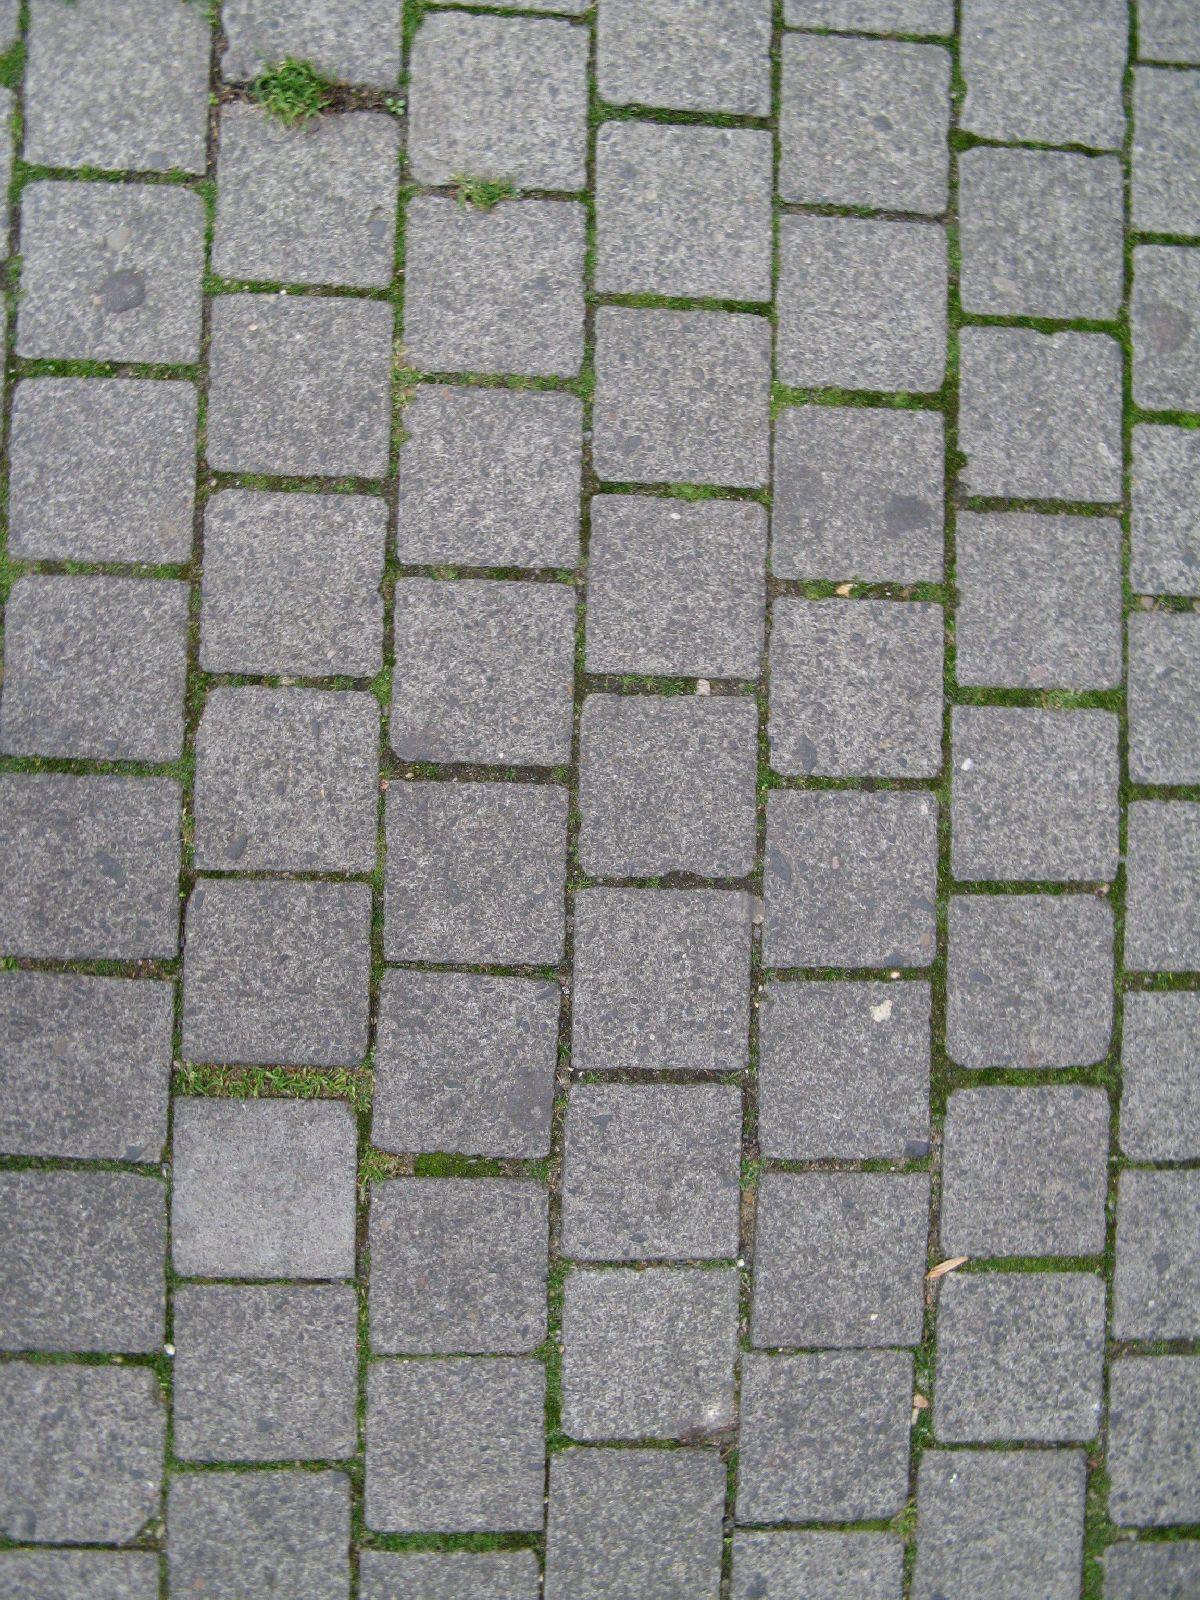 Ground-Urban_Texture_B_0948